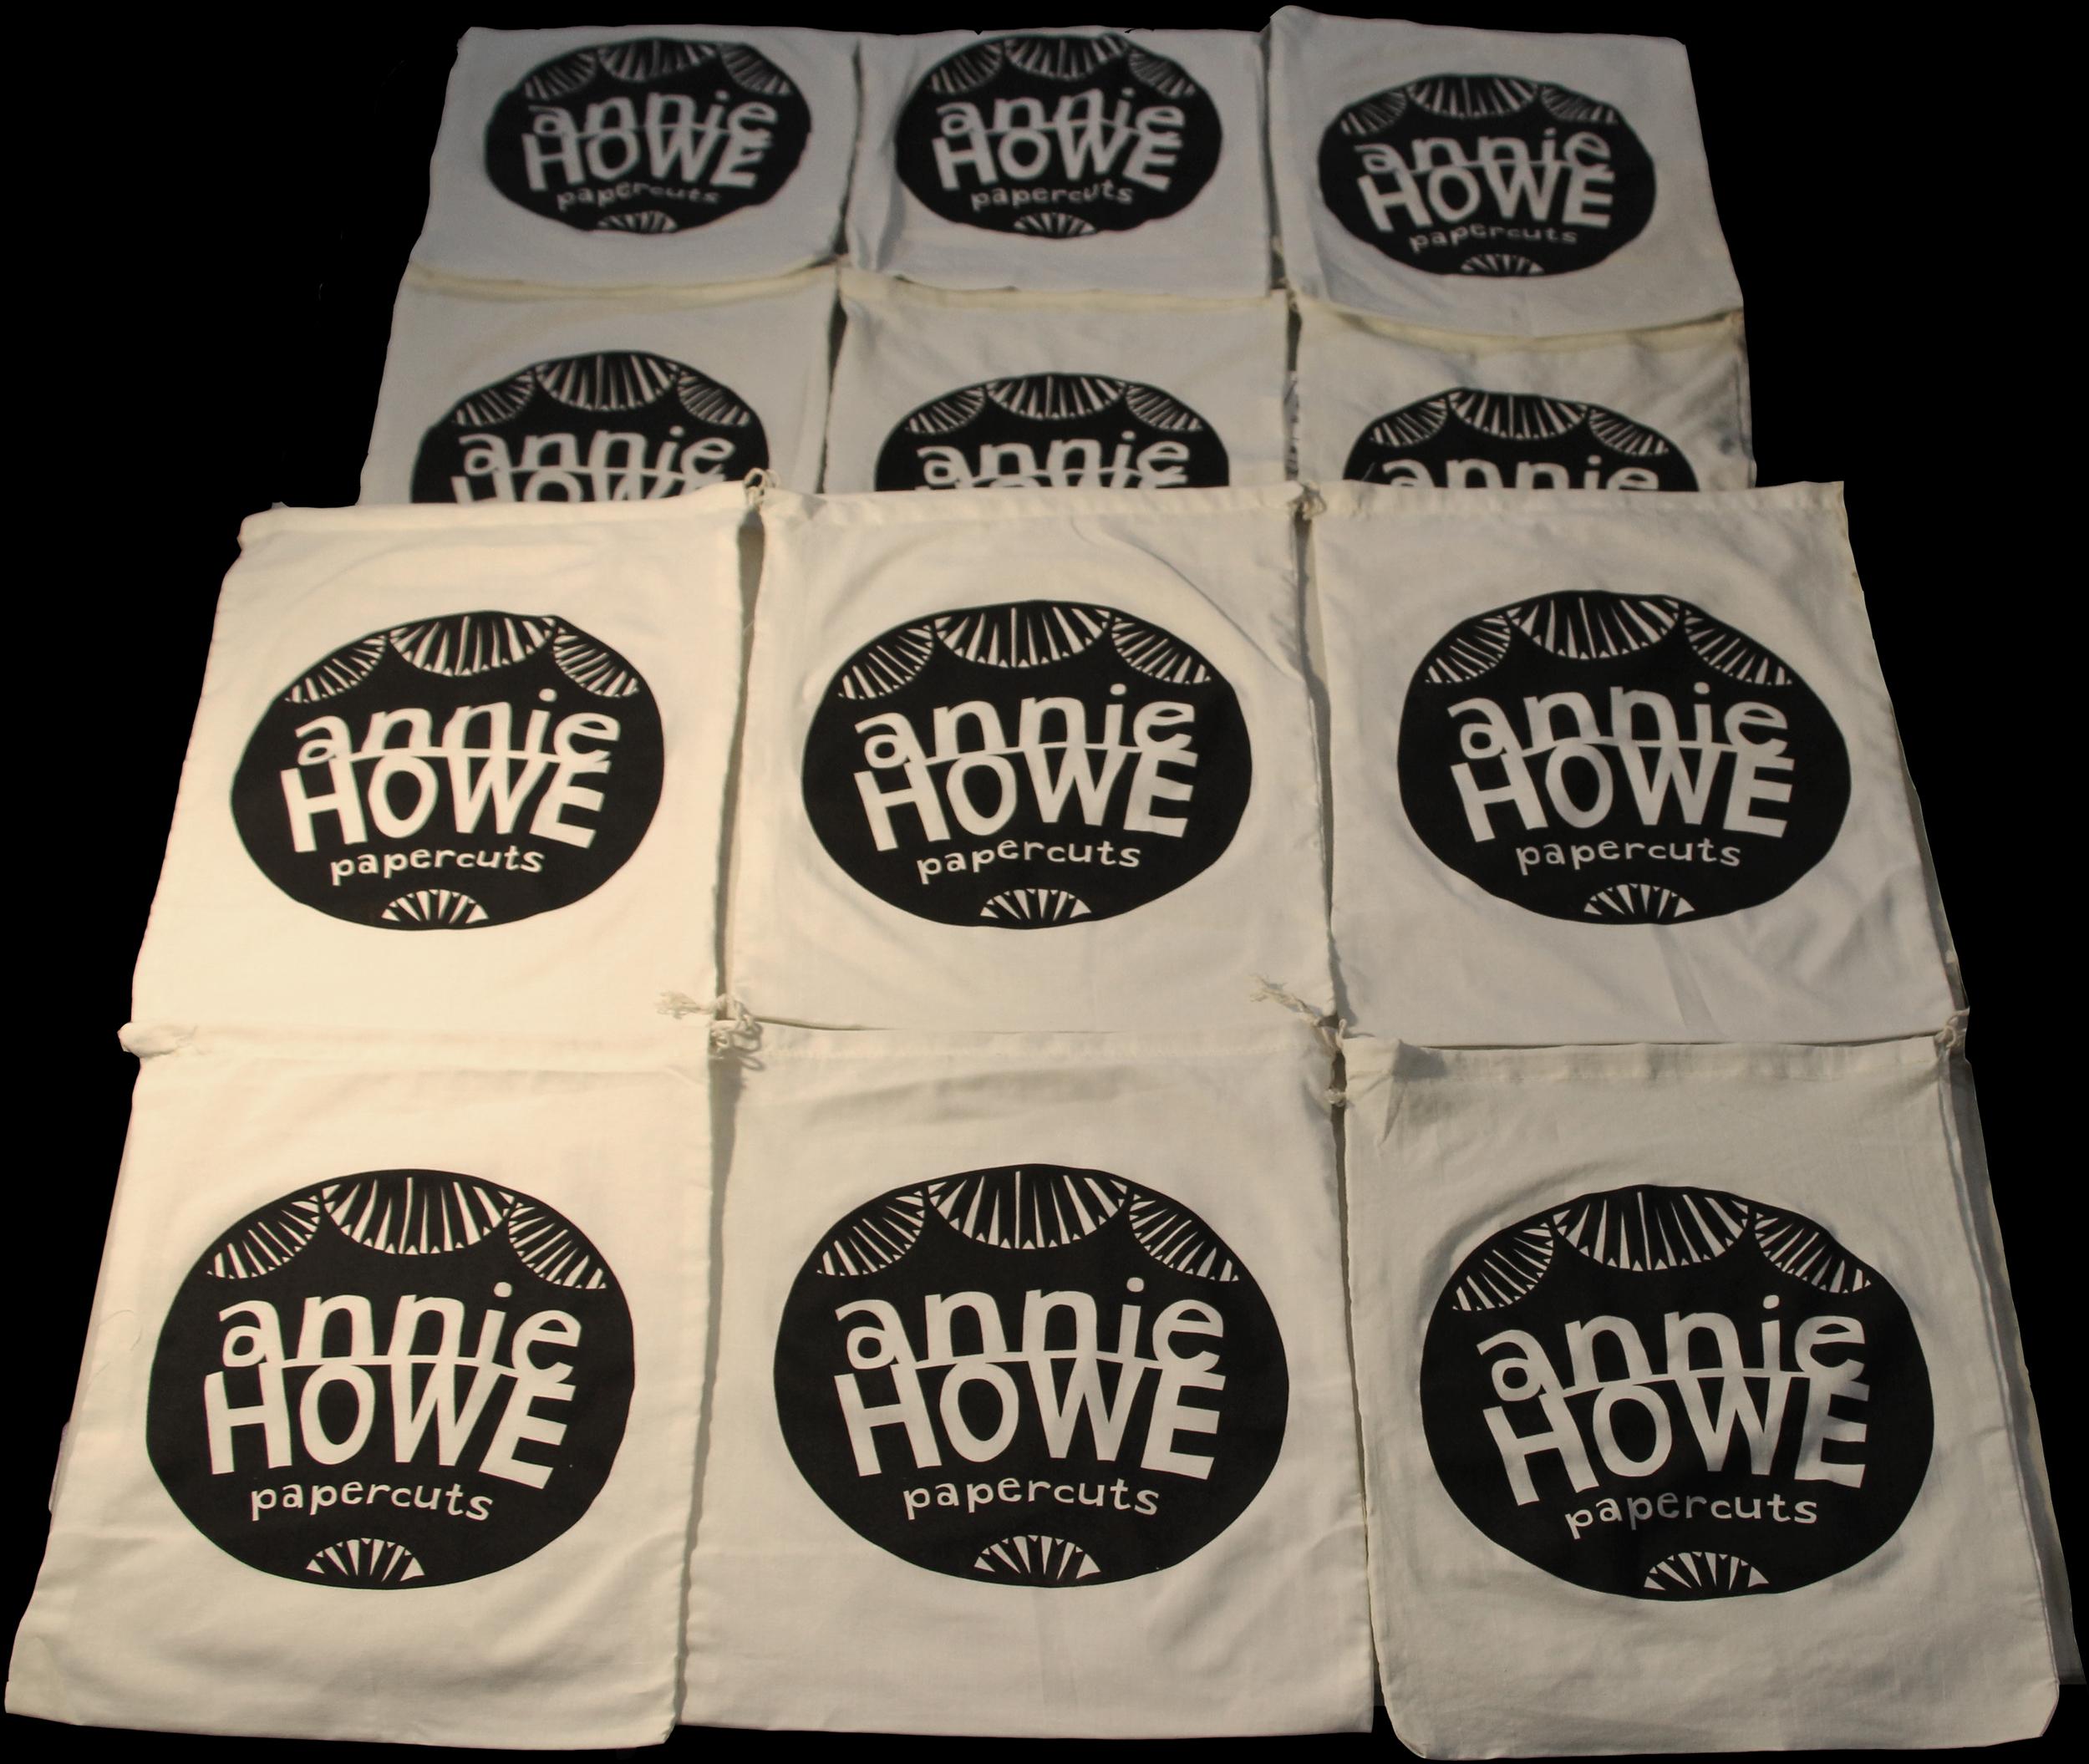 Annie Howe Papercuts